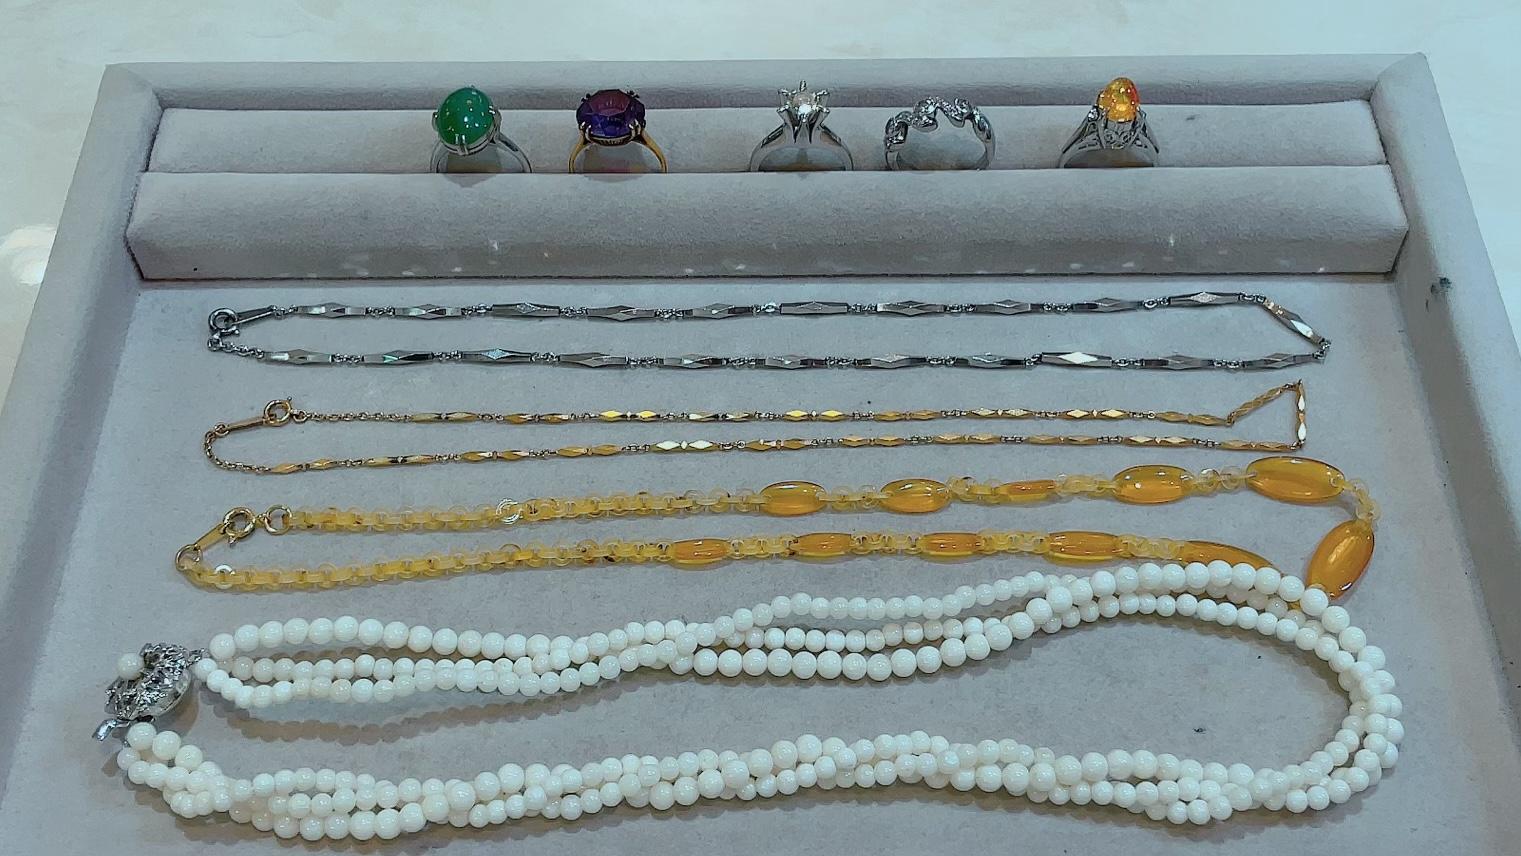 【買取速報】べっ甲、アメジスト、オパール、ダイヤモンド、メキシコオパール、珊瑚(コーラル)、-2021-09-24